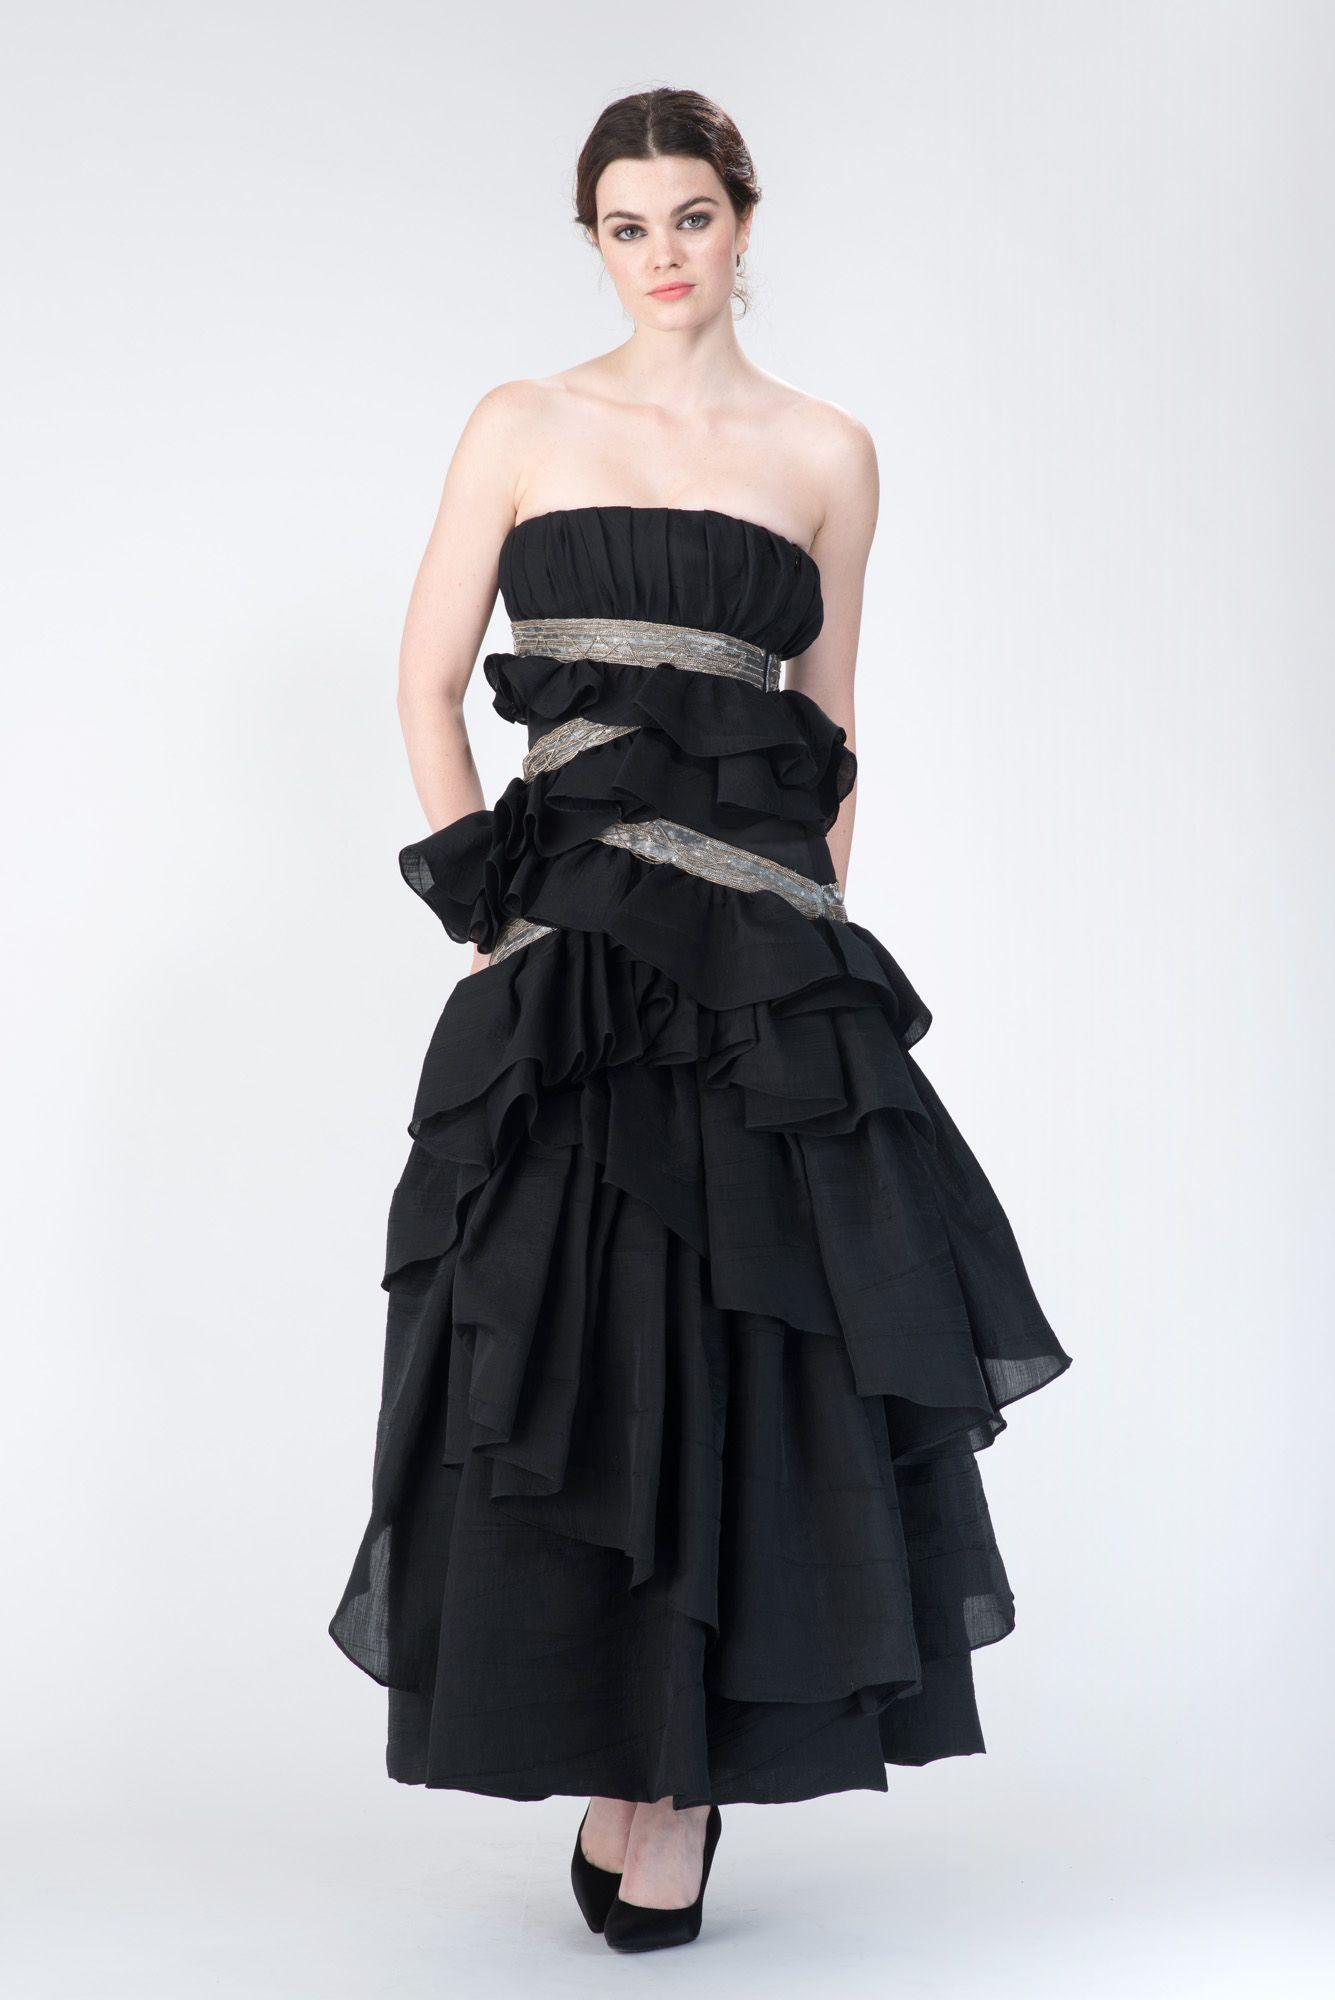 f3f092444f79e Mabonneamie - depuis 2009 location robe de soirée